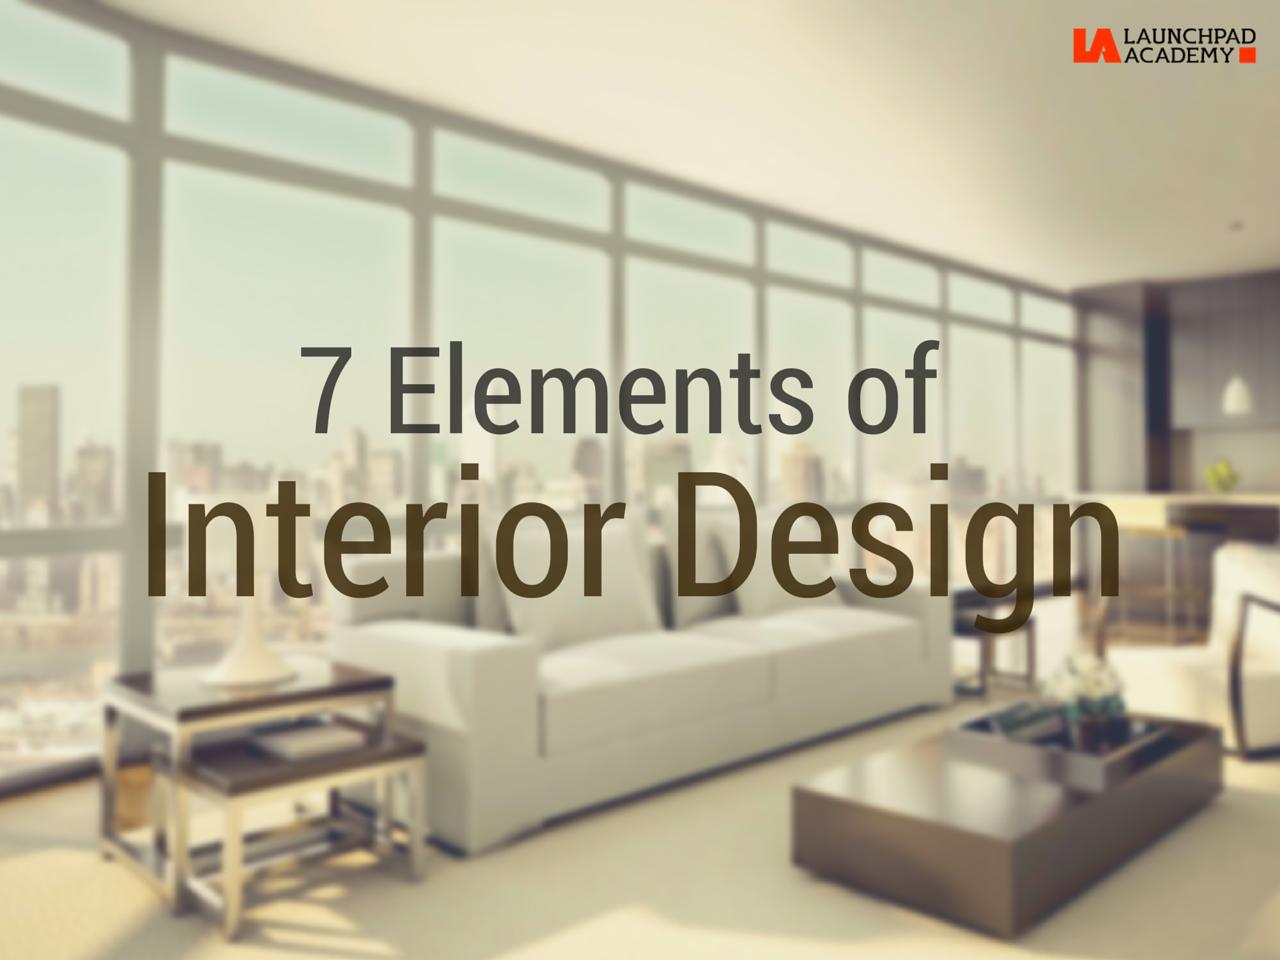 Interior Design Ideas Ppt Interior Design Classes Interior Design Meaning Interior Design Elements